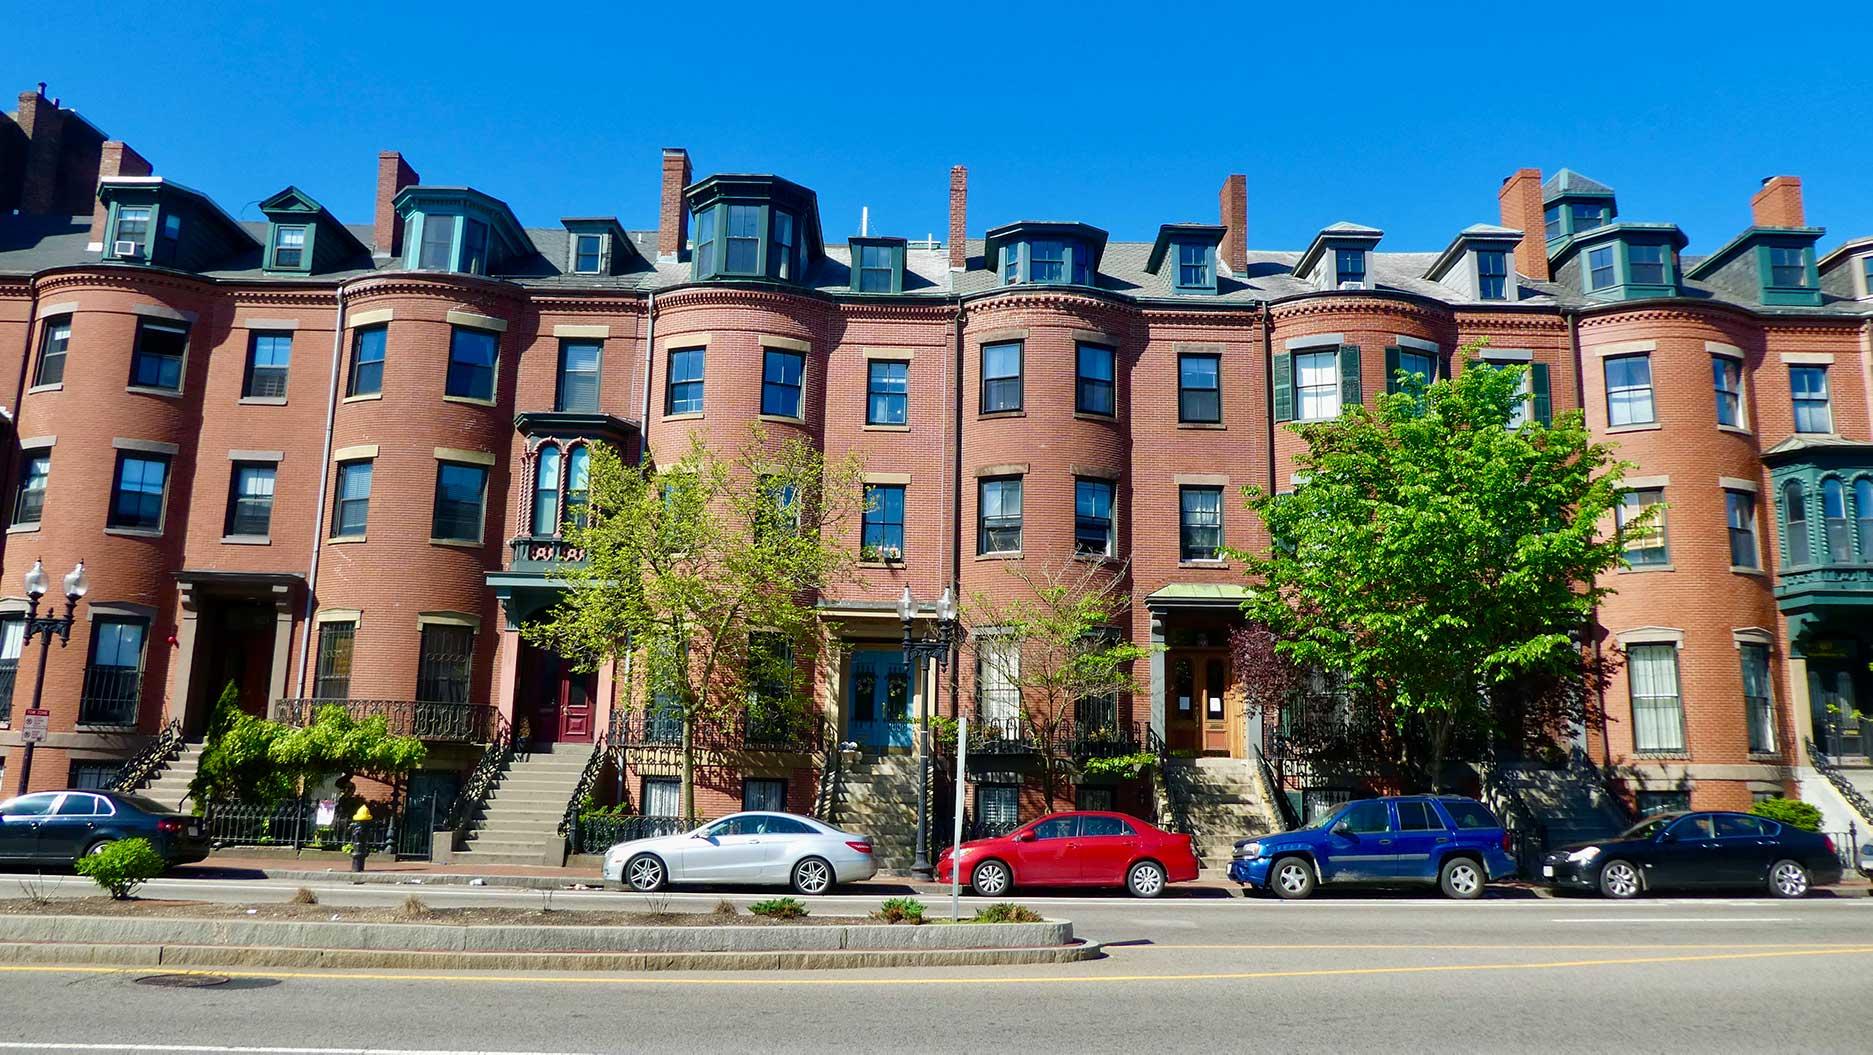 maisons typiques de boston